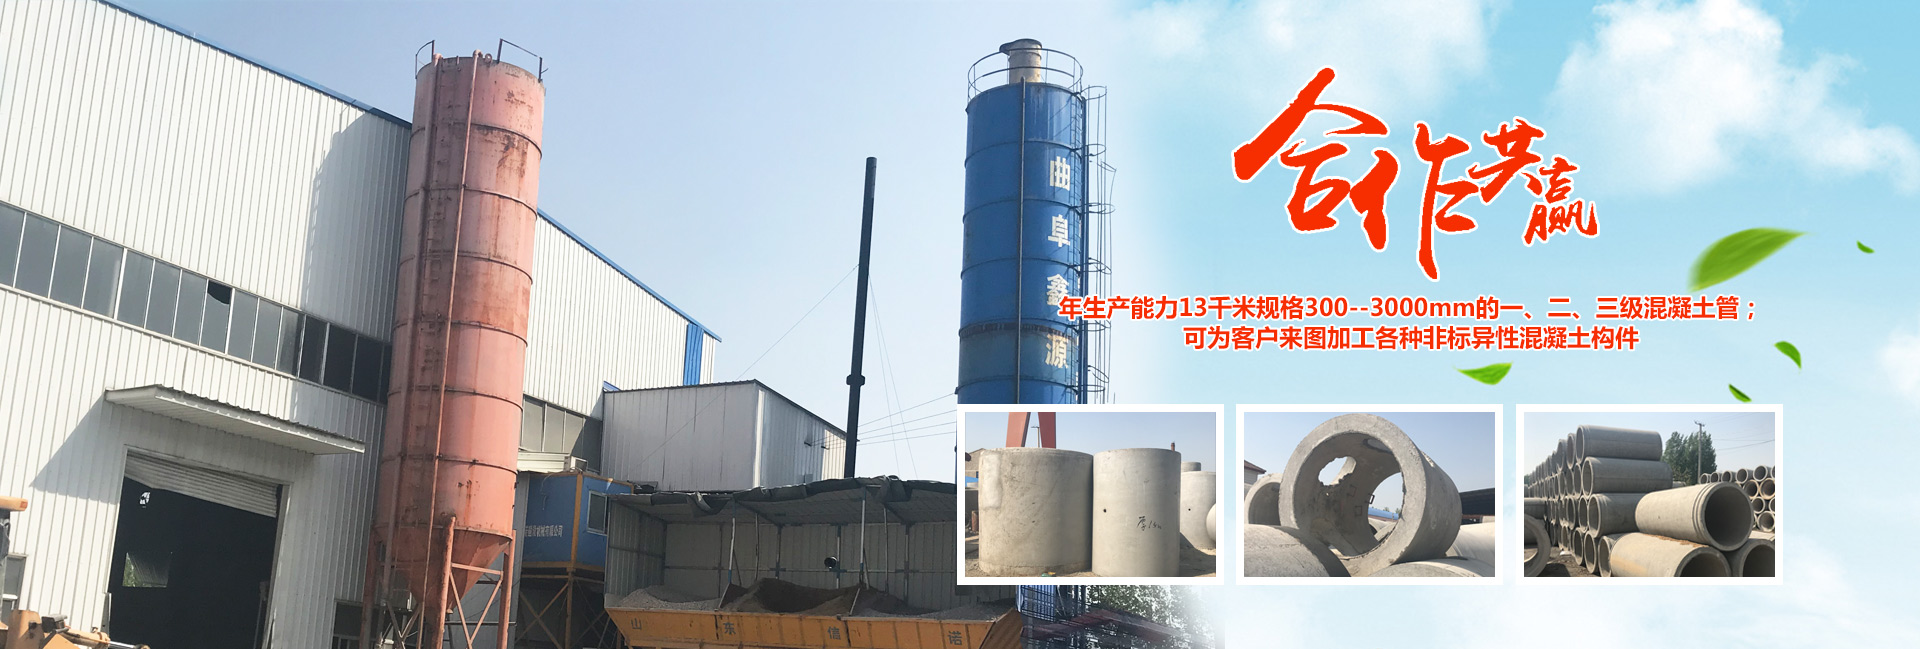 曲阜市鑫源水泥制品有限公司